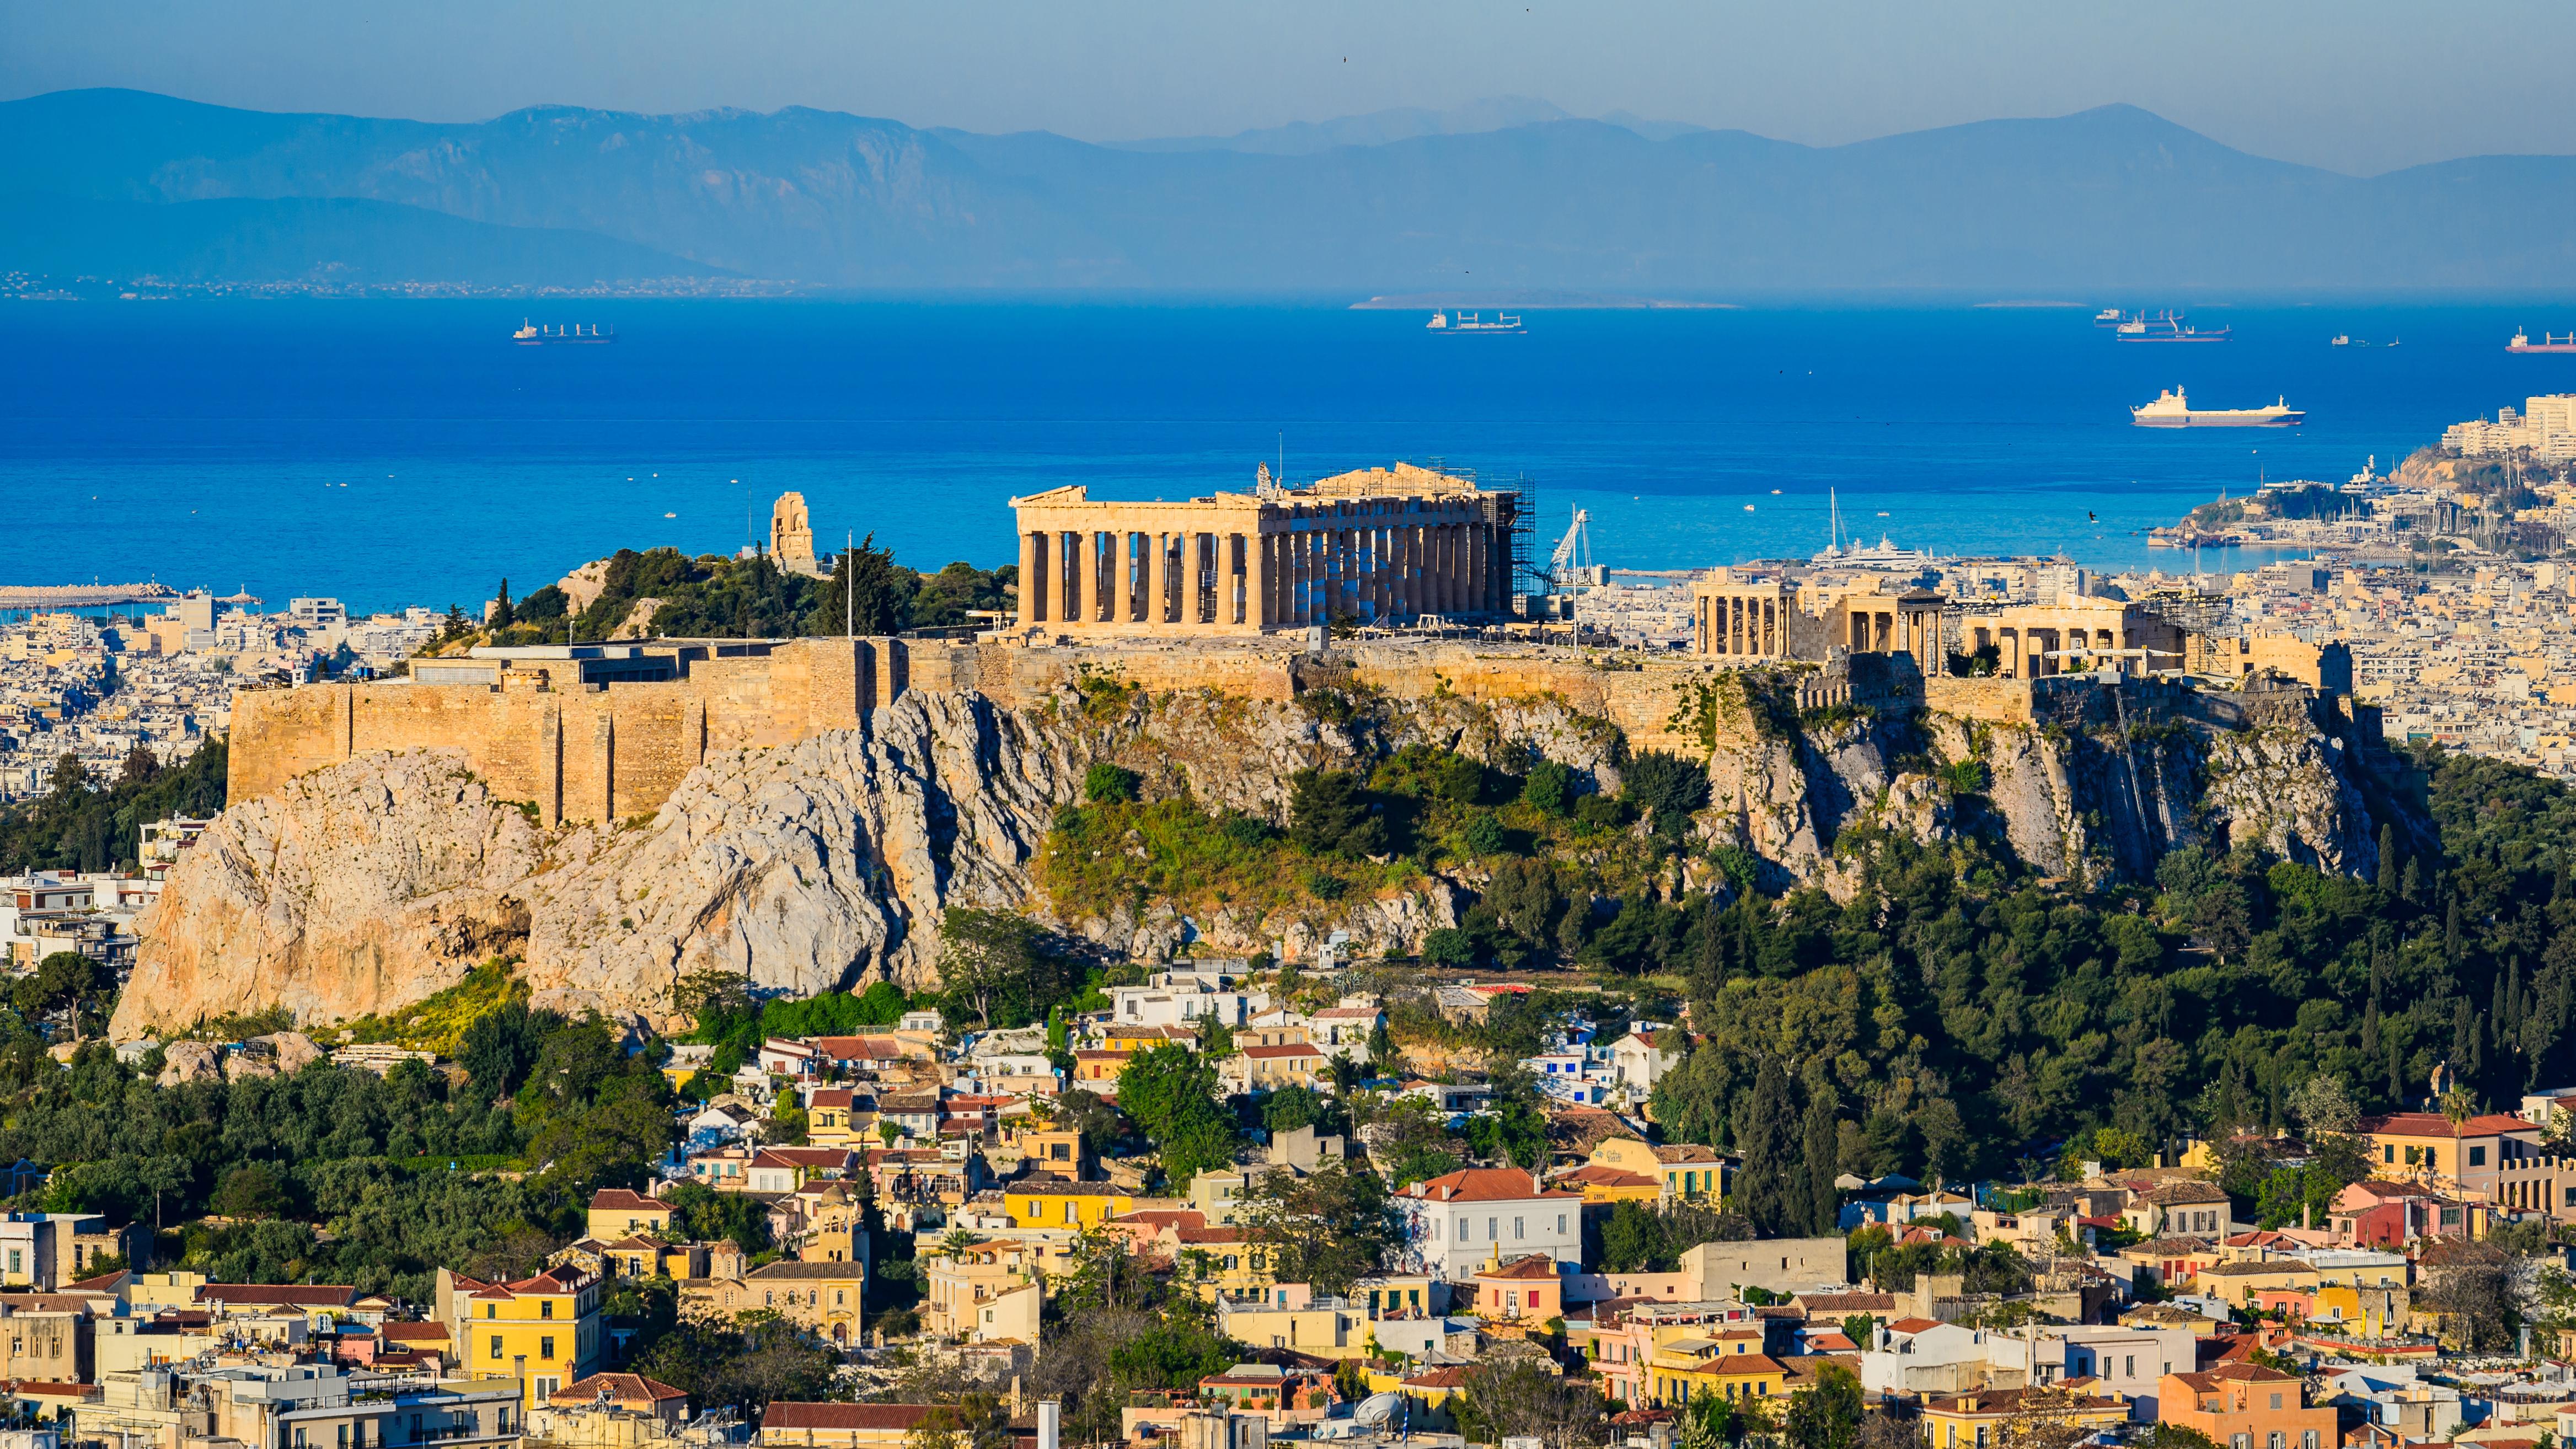 Иммиграция в Грецию по греческой линии: программа иммиграции